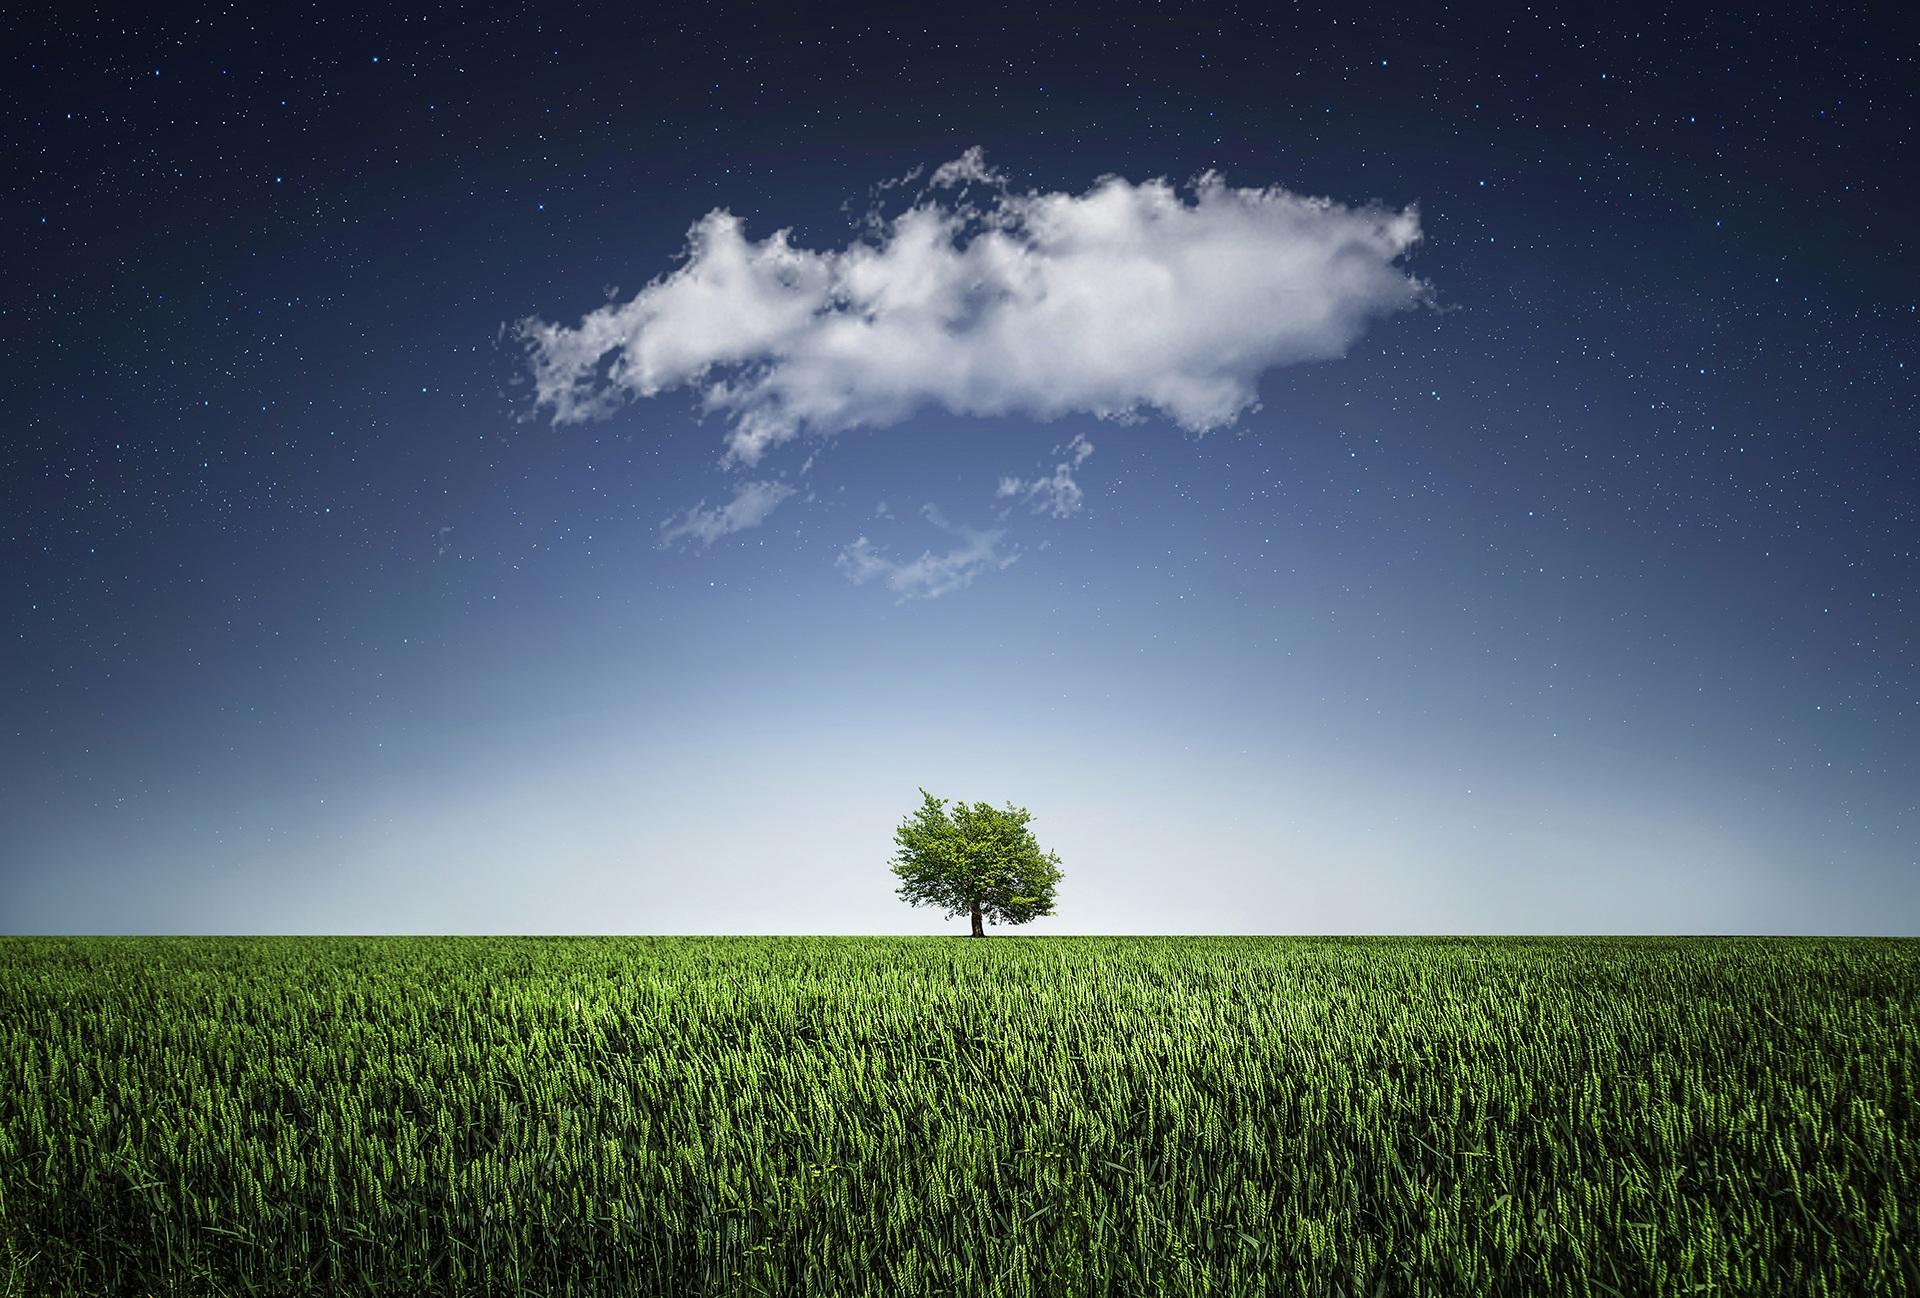 дерево, равнина, Облако, Небо, Соледад - Обои HD - Профессор falken.com